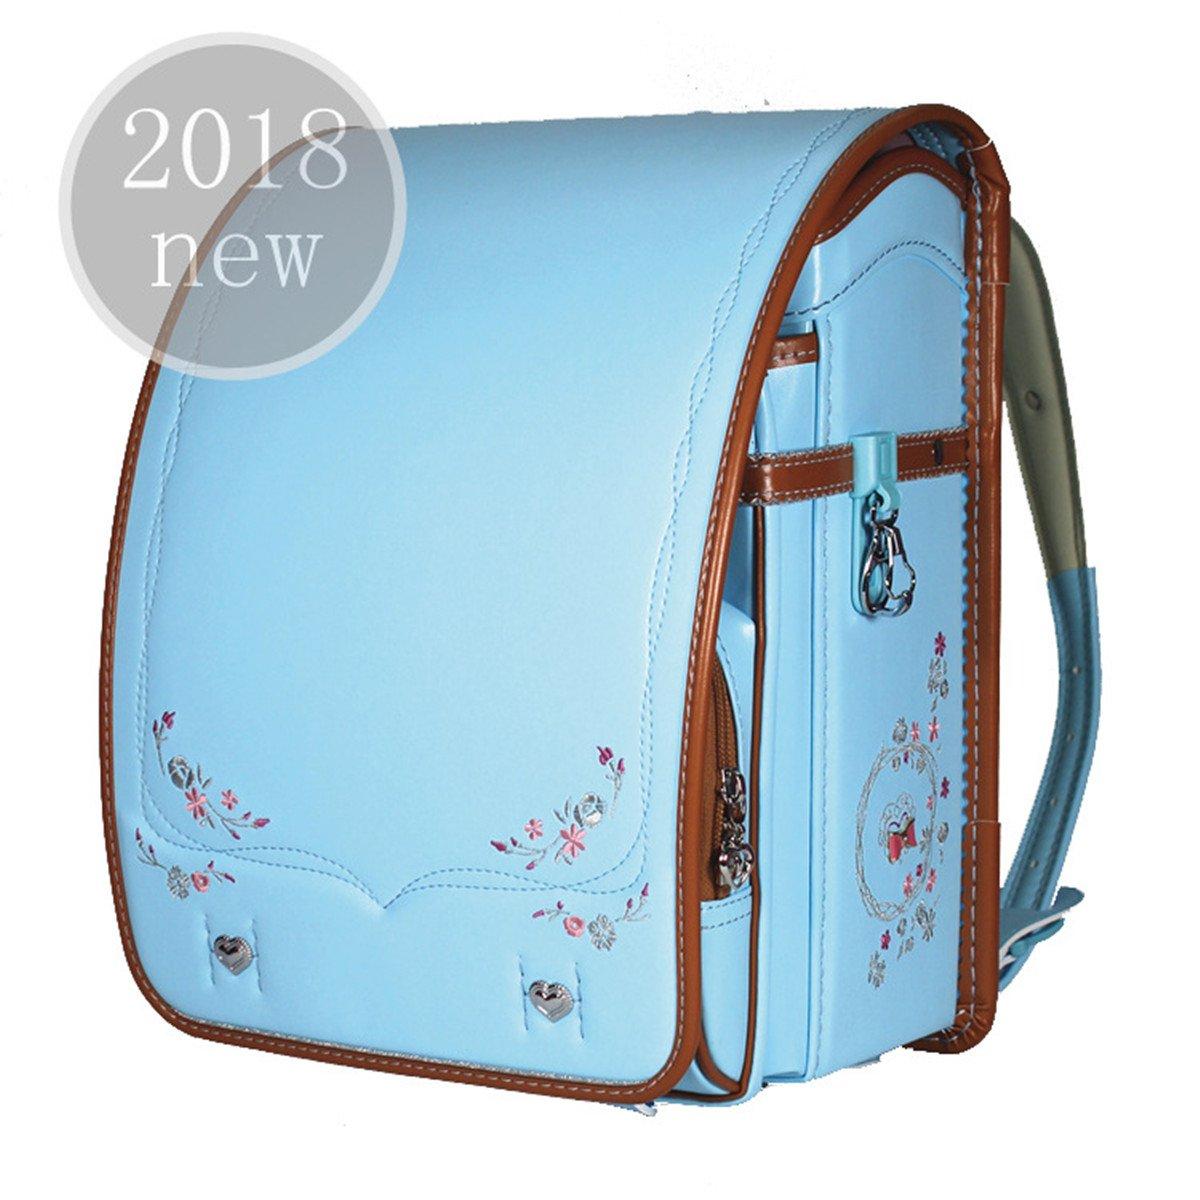 軽量 豪華 刺繍 ランドセル 女の子 高級合皮 手縫い 自動ロック 大容量 A4フラットファイル対応 6年間保証 【バオバブの願い】 (プリンセス ブルー) B074XZWZ2G プリンセス ブルー プリンセス ブルー